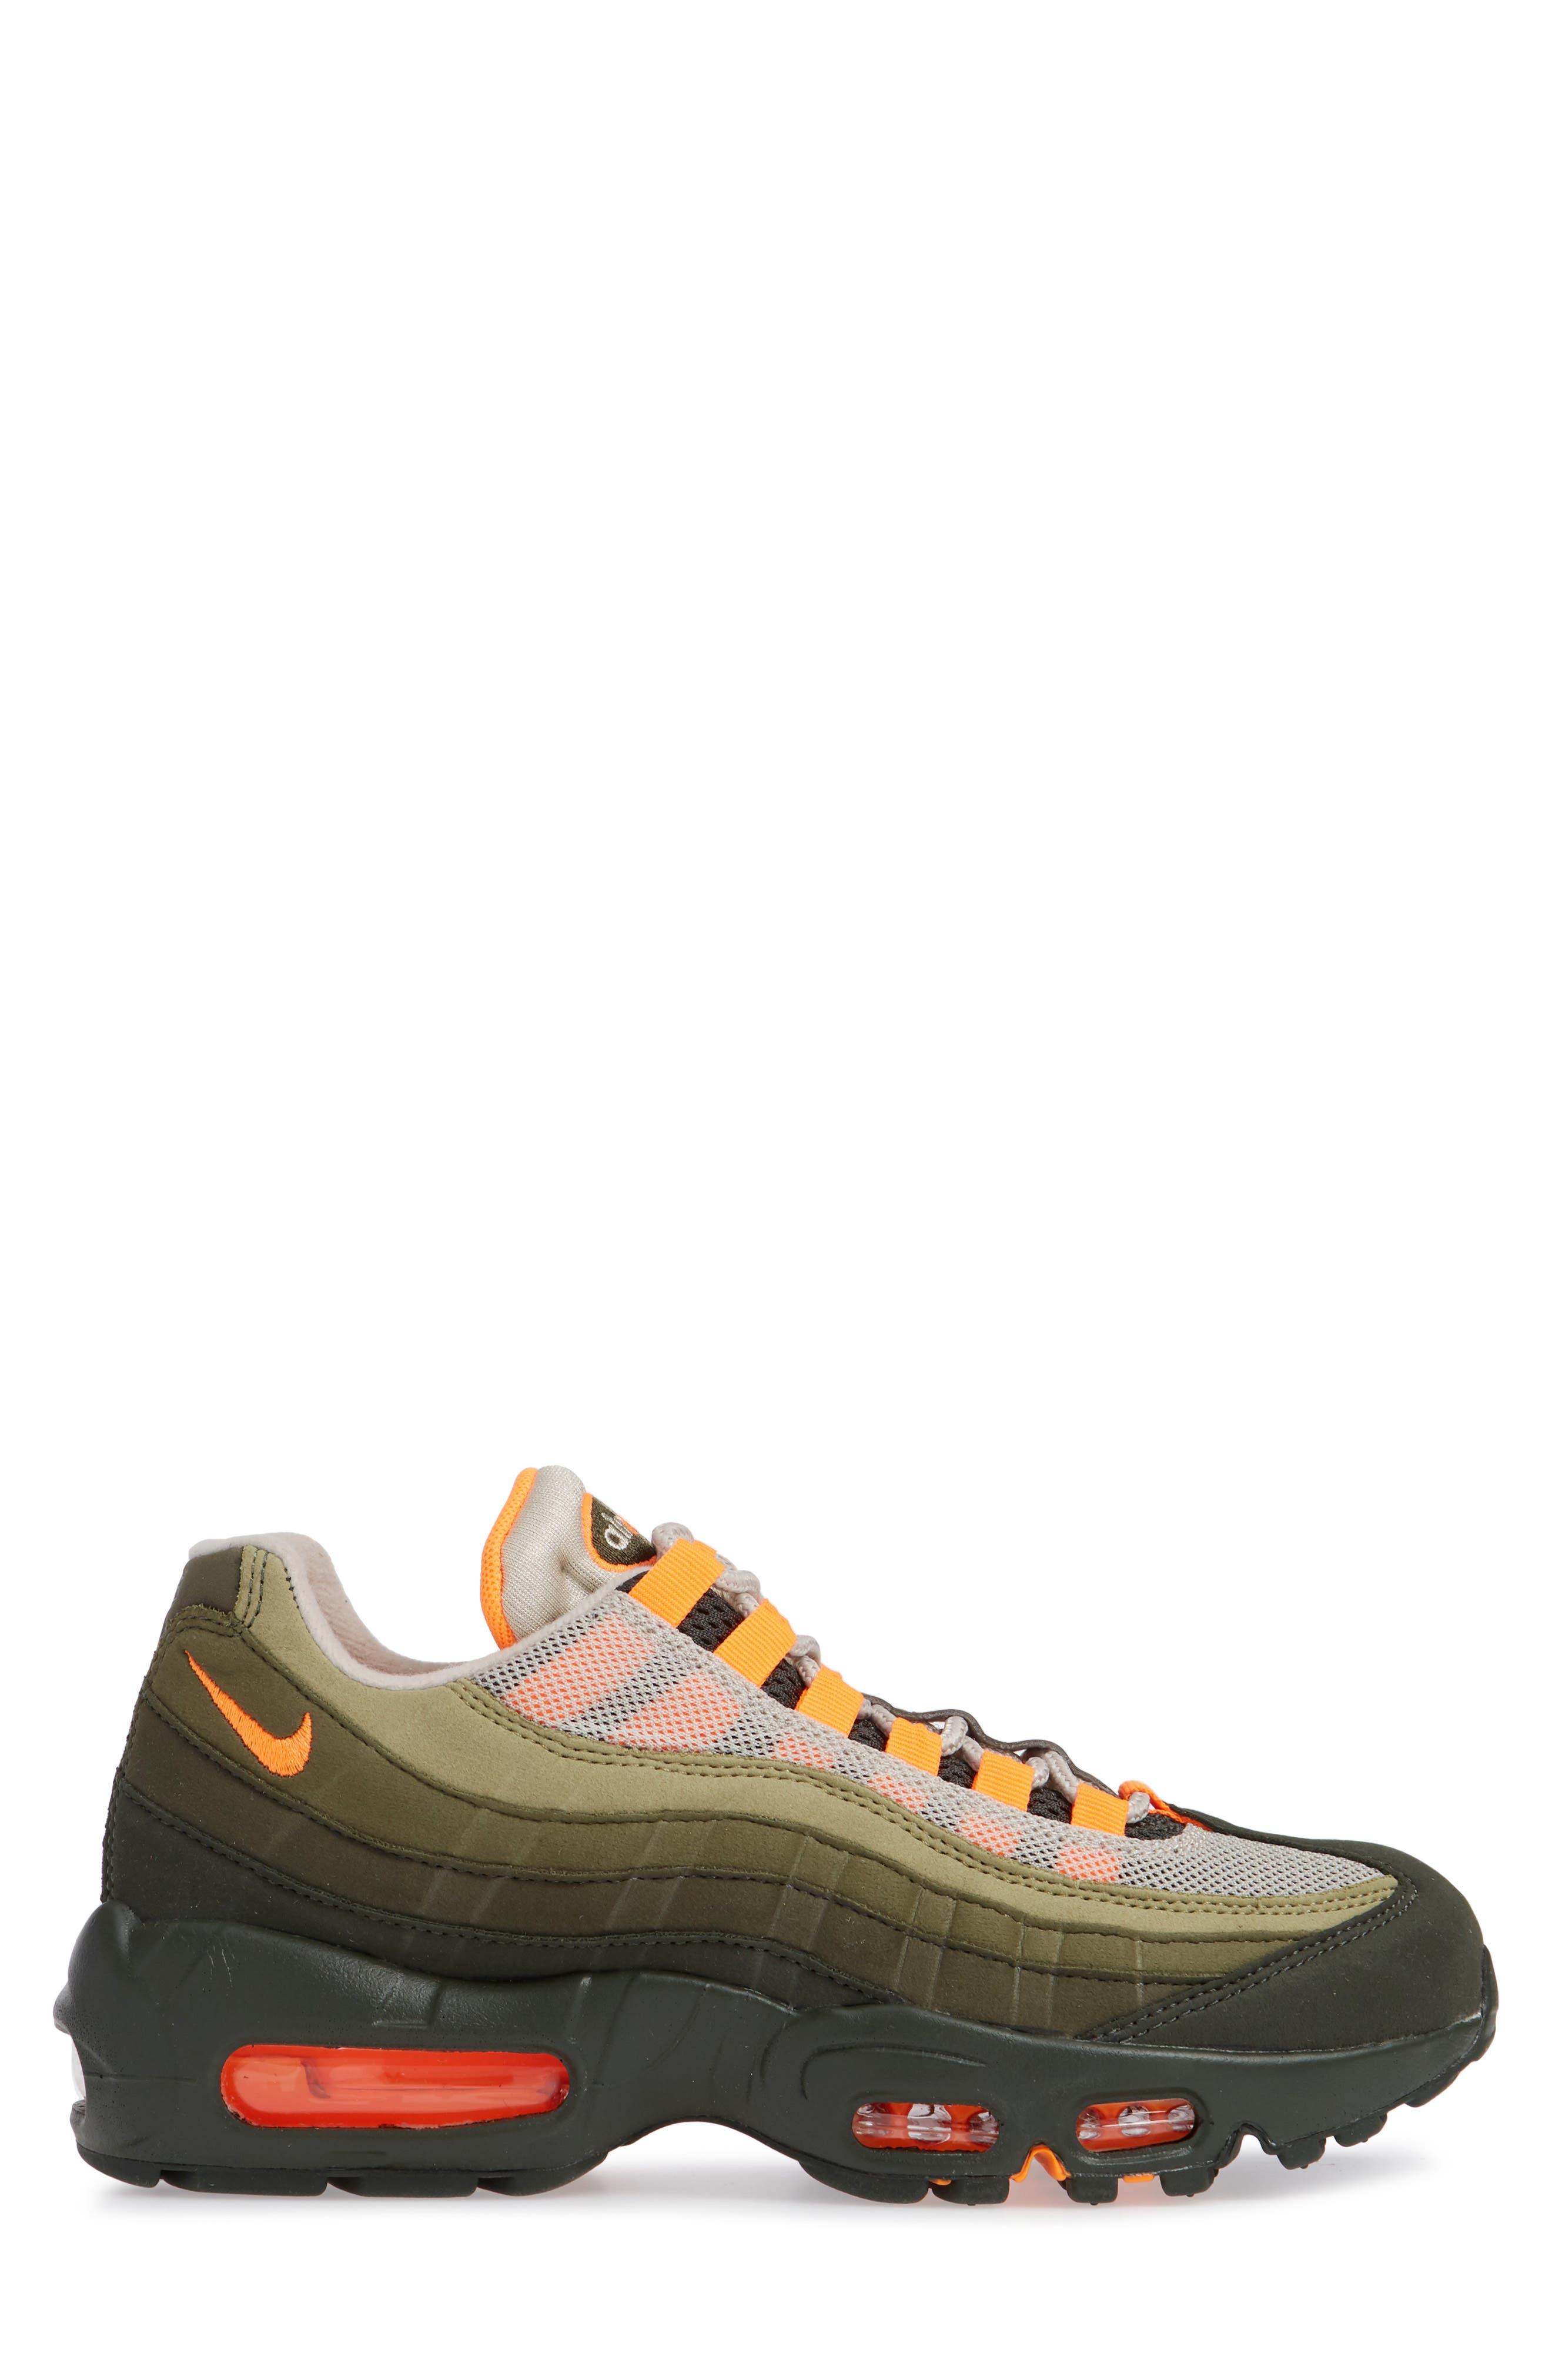 Air Max 95 OG Sneaker,                             Alternate thumbnail 3, color,                             STRING/ TOTAL ORANGE-NEUTRAL